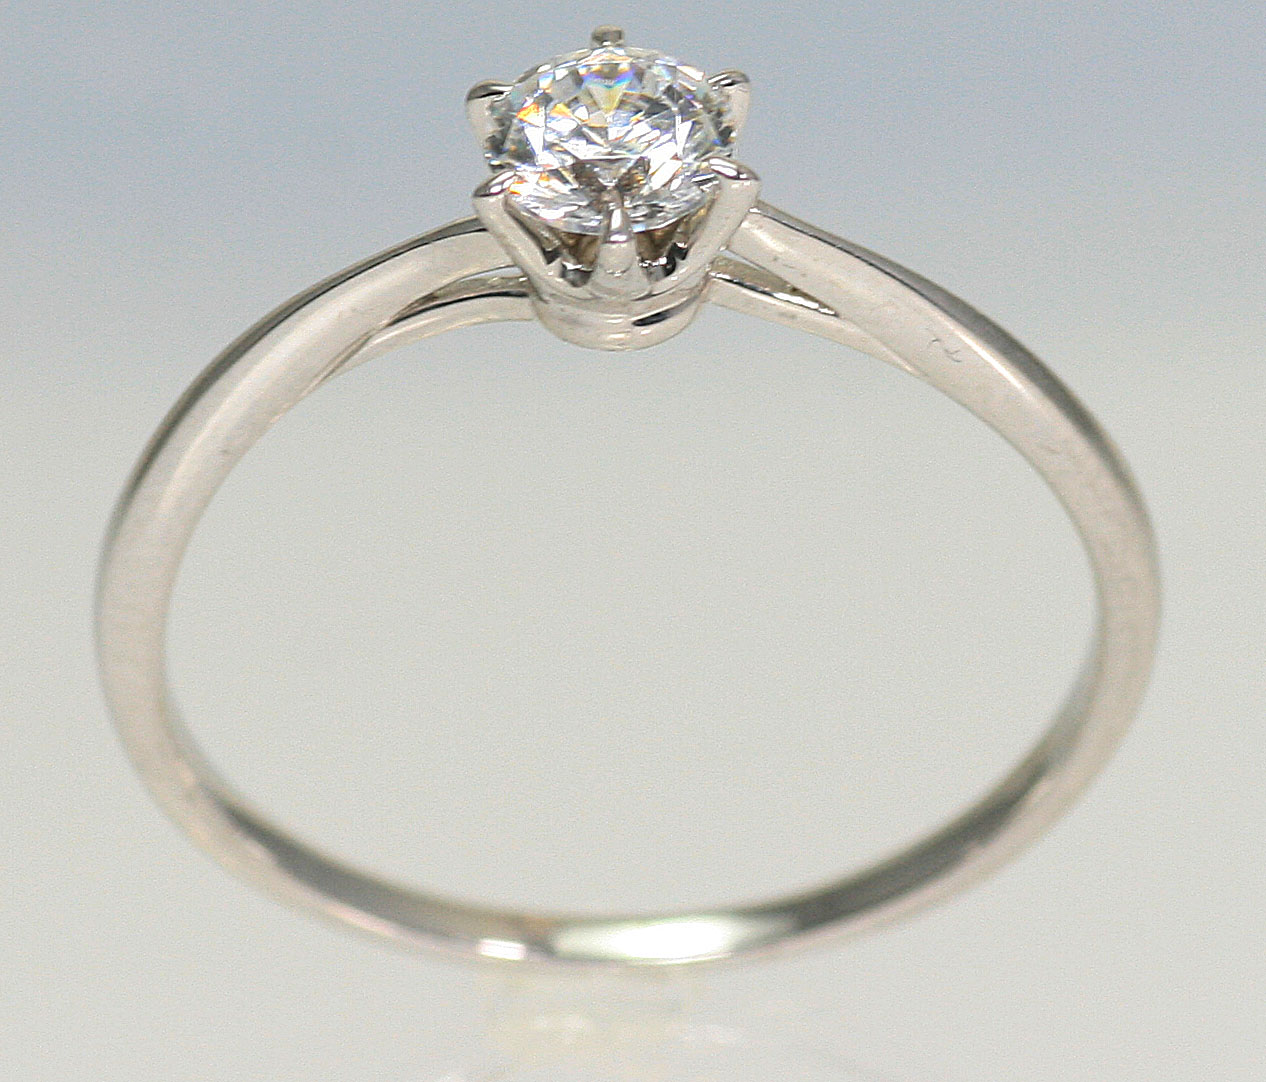 婚約指輪 エンゲージリング 販売実績No.1 高品質 リフォーム枠 ホワイトデーギフト PT900 0.3ct用